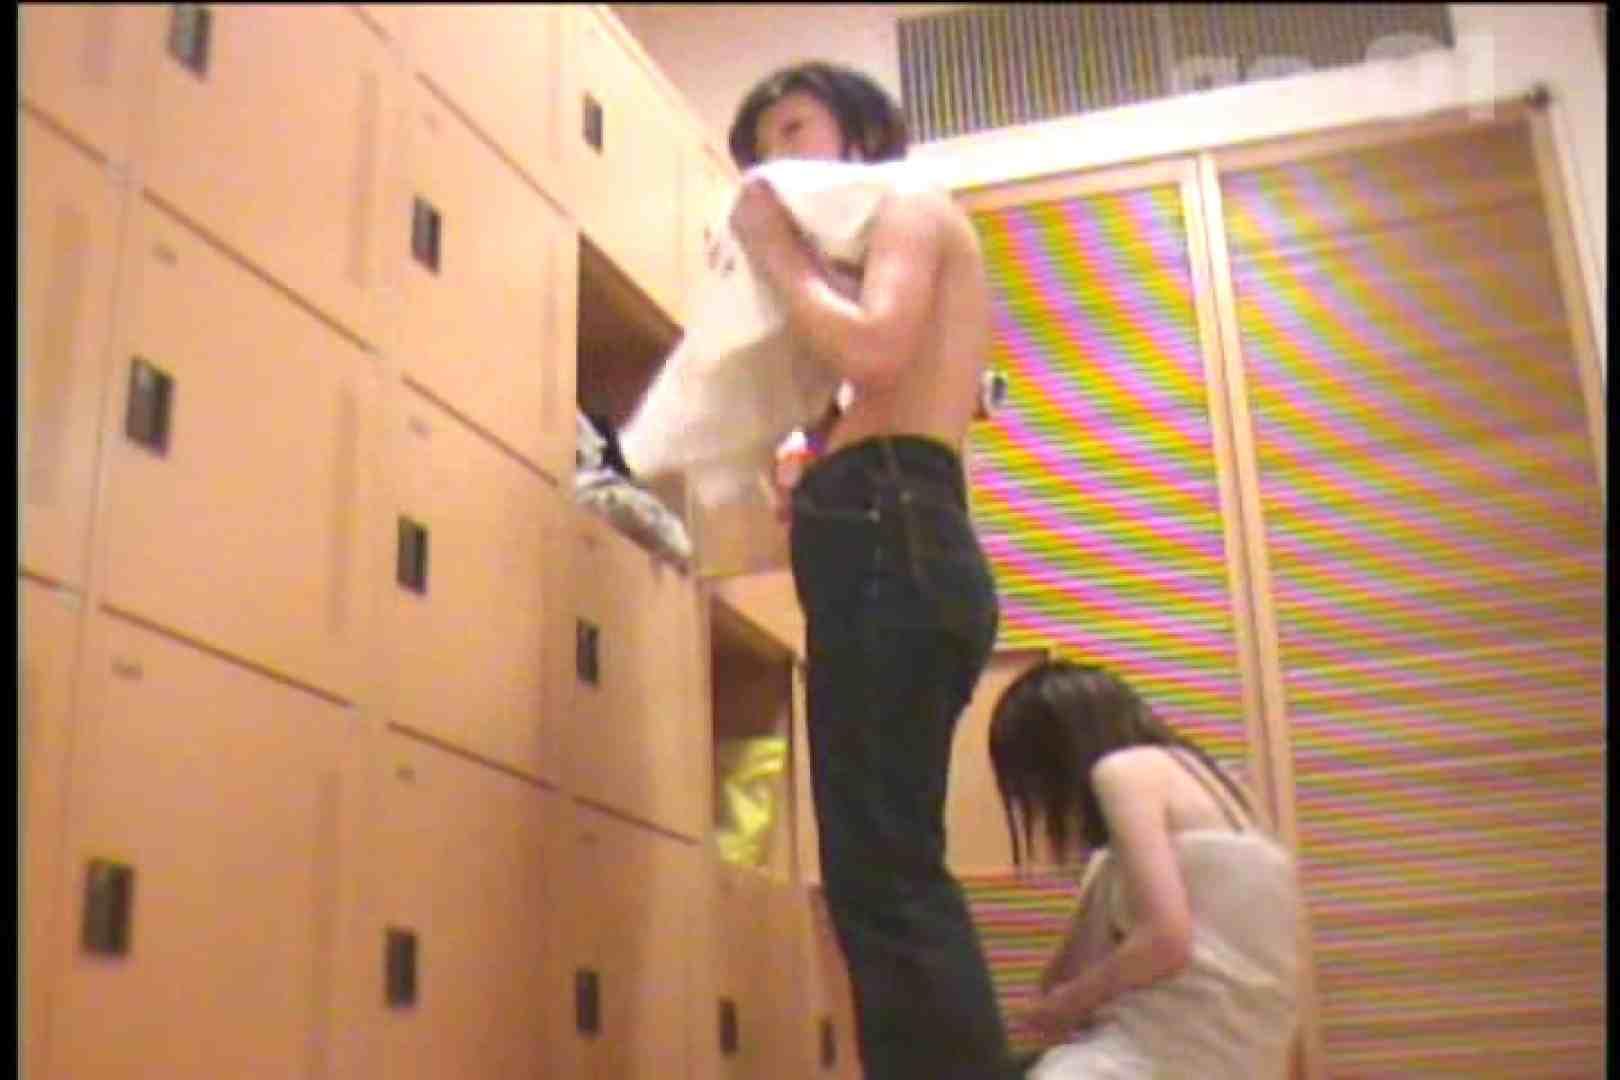 電波カメラ設置浴場からの防HAN映像 Vol.01 シャワー室 | 盗撮編  105枚 1